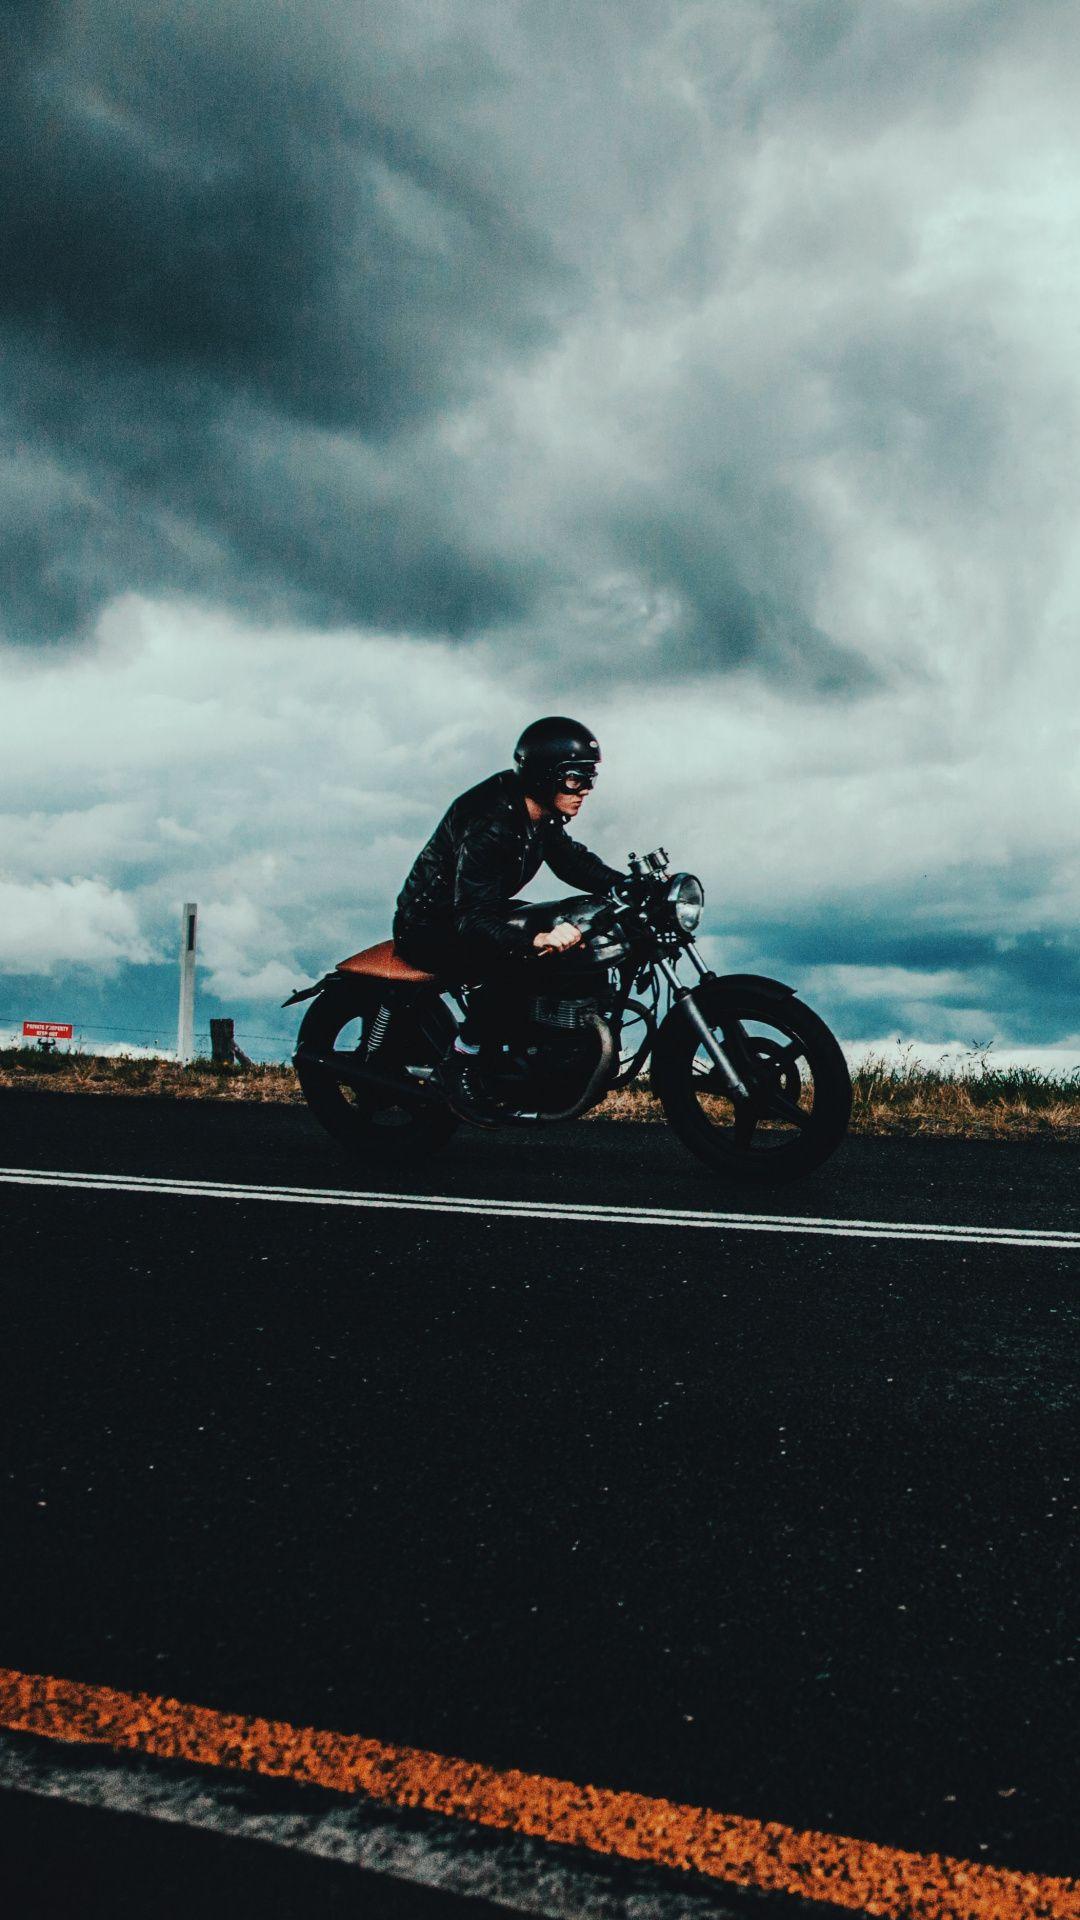 Wallpapers Tree Yamaha Motor Company Motorcycle Helmets